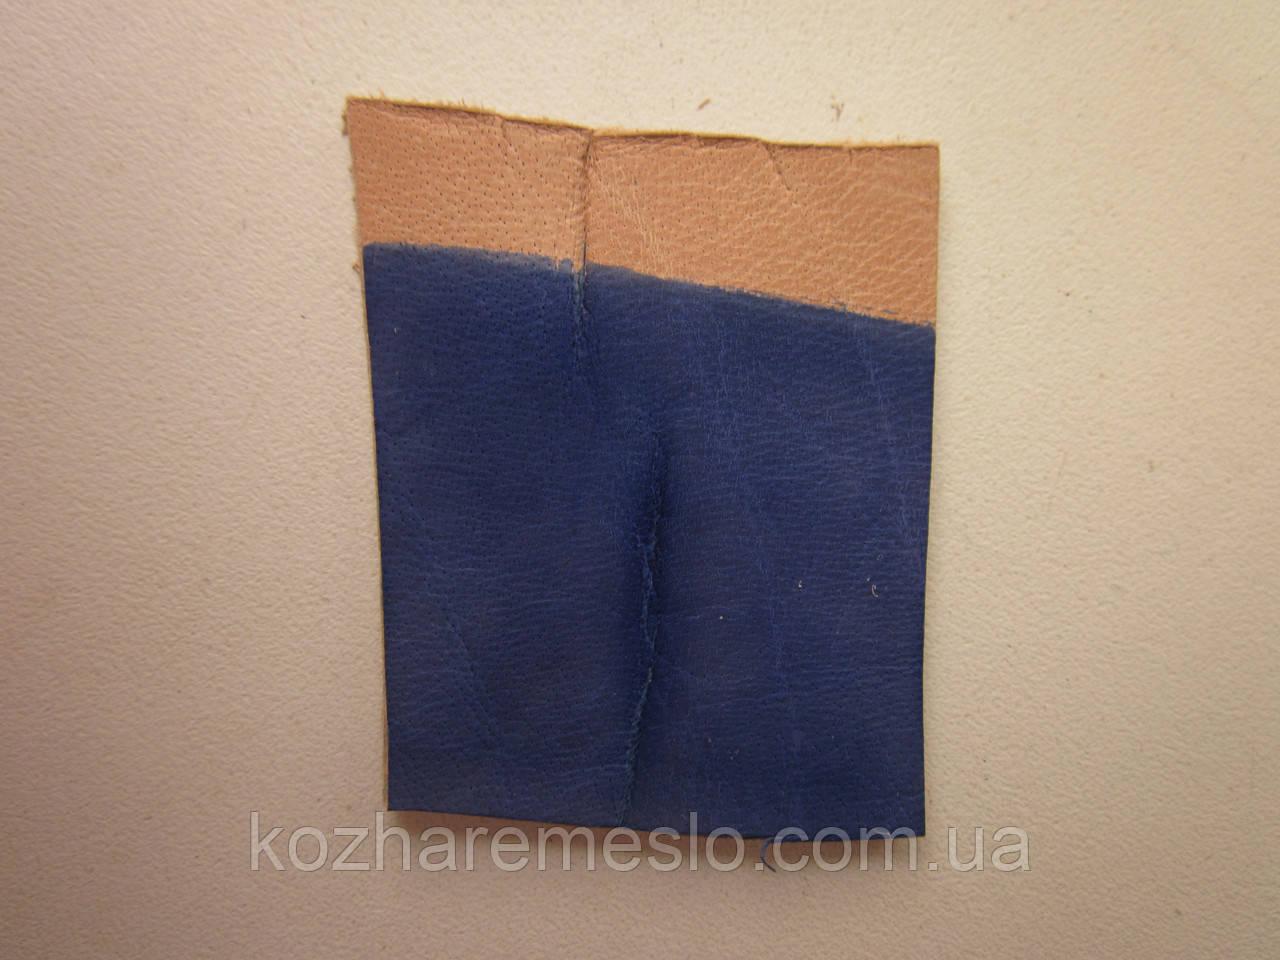 Краска для кожи спиртовая TOLEDO SUPER 100мл синяя (кобальт)